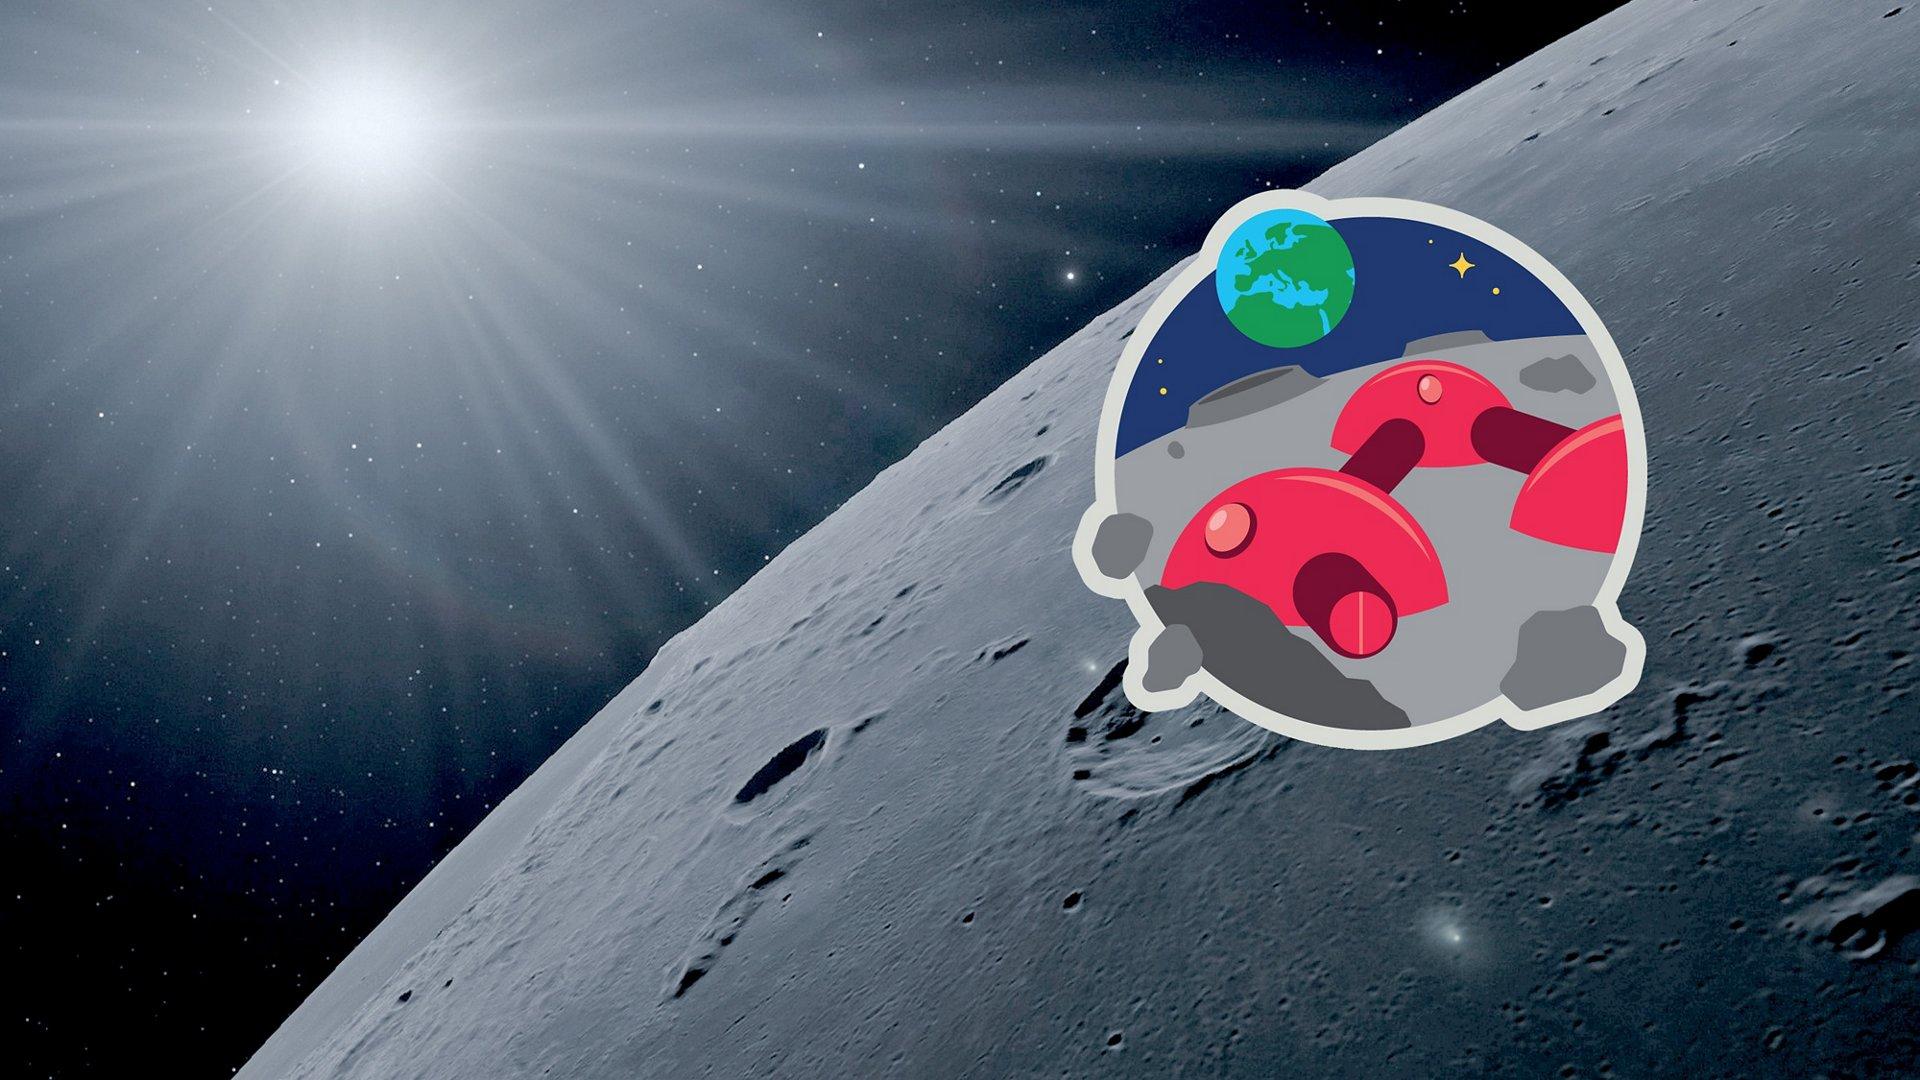 月球营地挑战现在开始